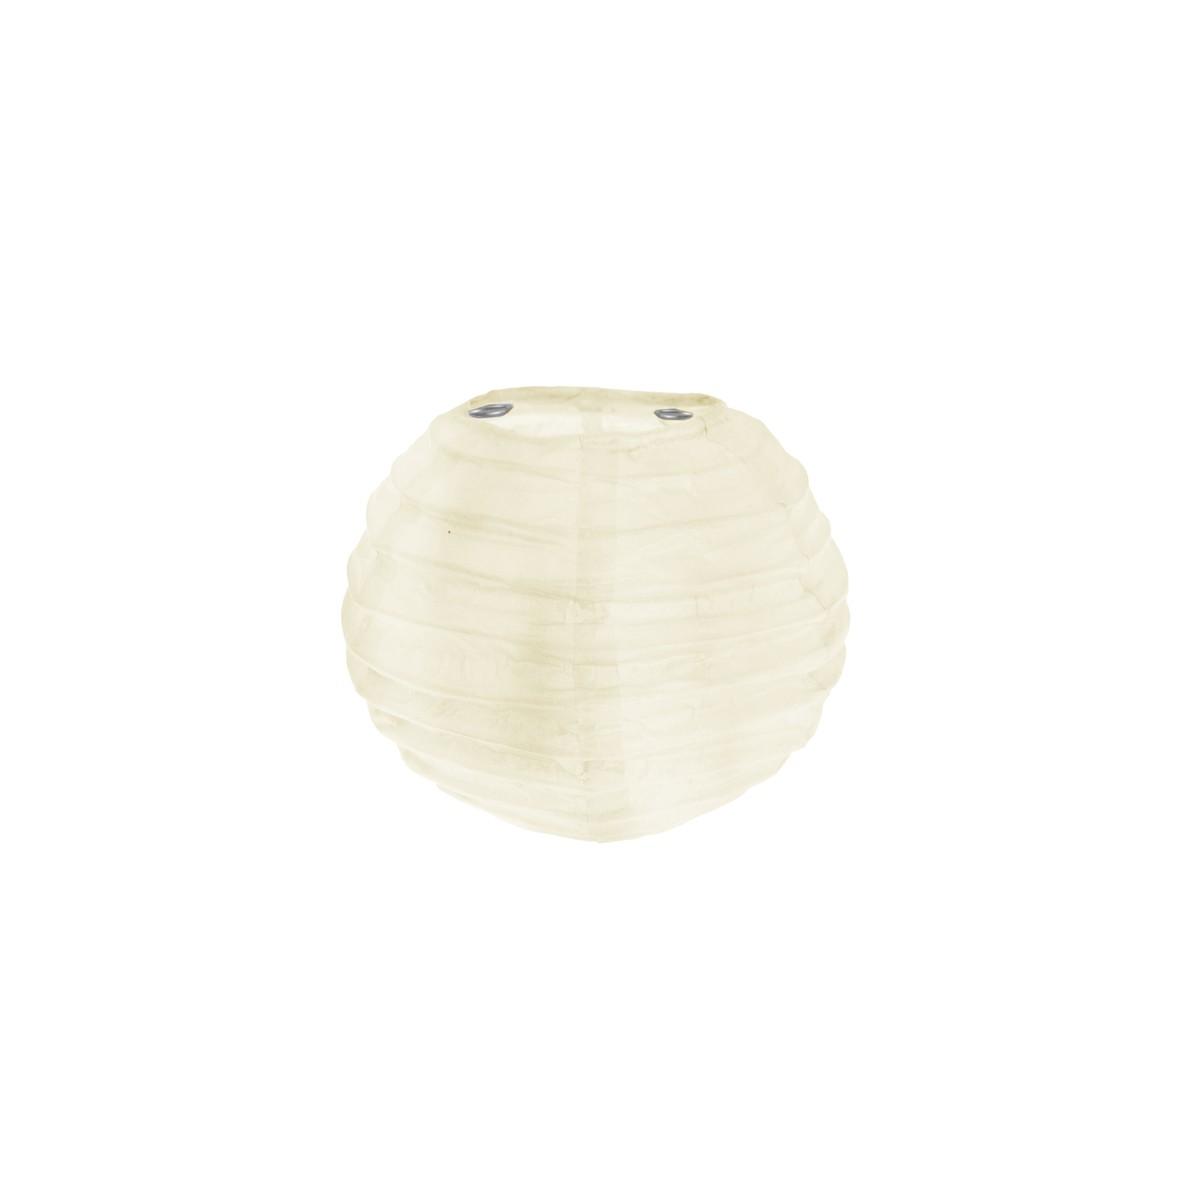 2x Mini Lanterne Papier 7.5cm - Ivoire